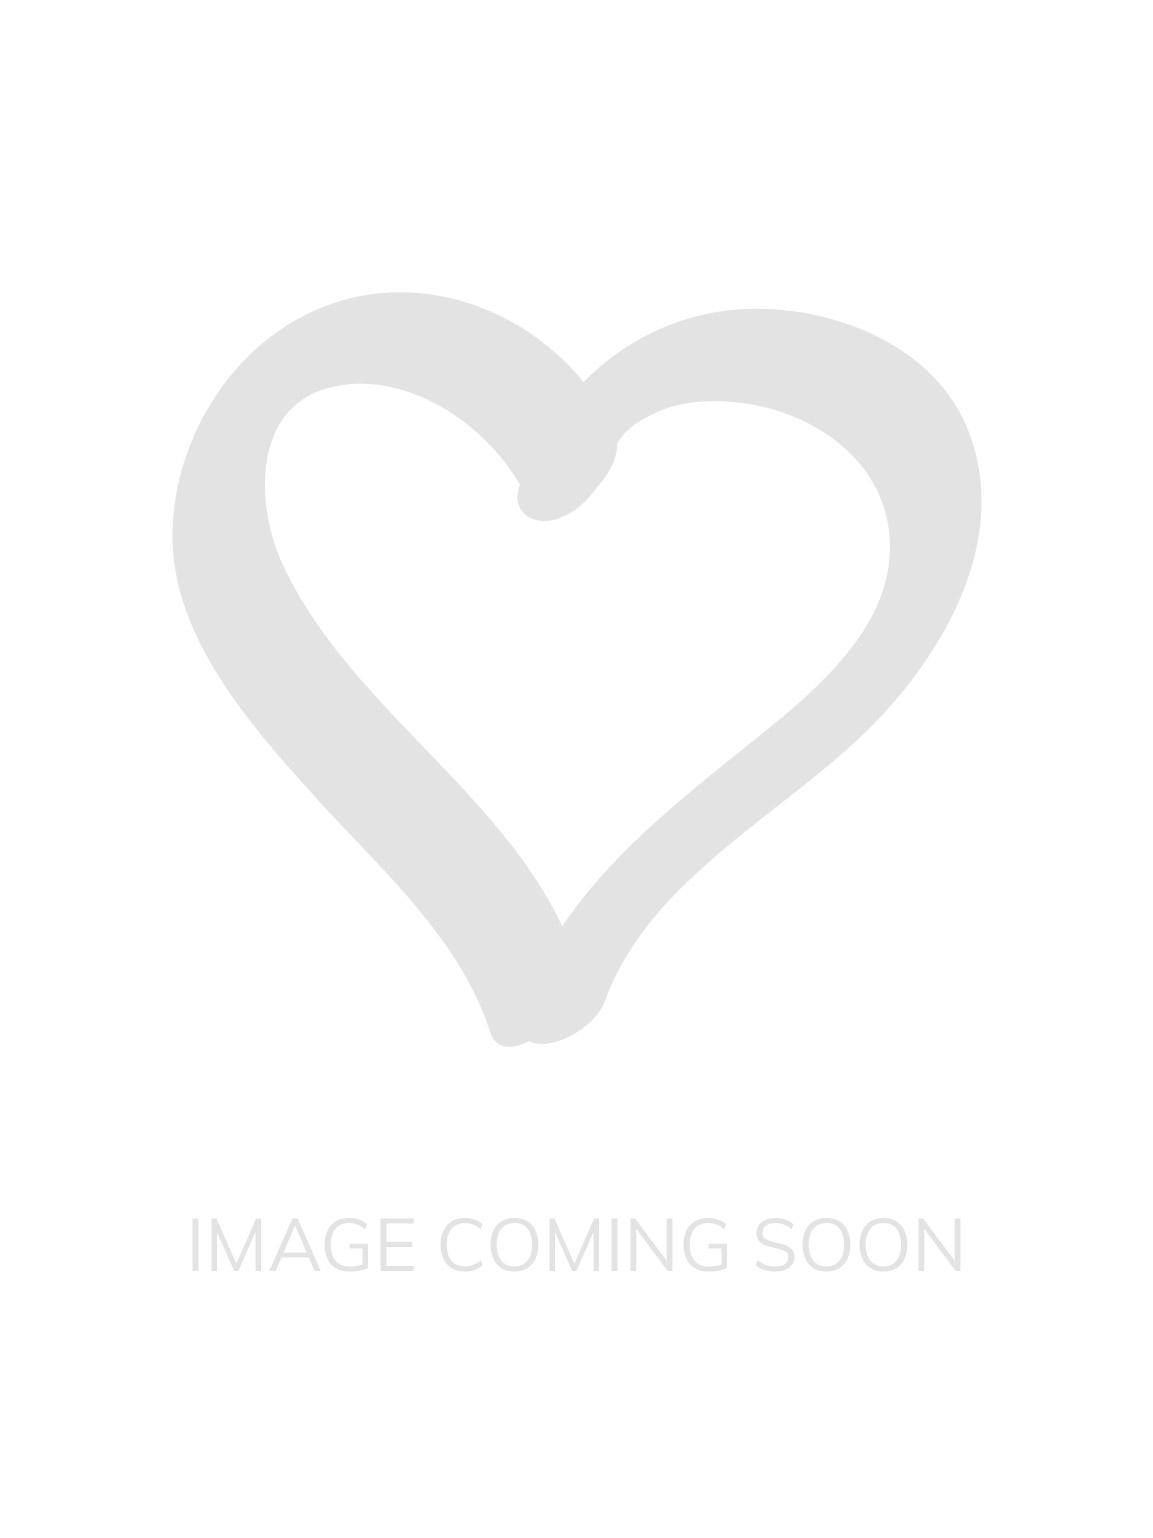 5cb9a330b4 Freya Soiree Lace High Apex Bra - Coral